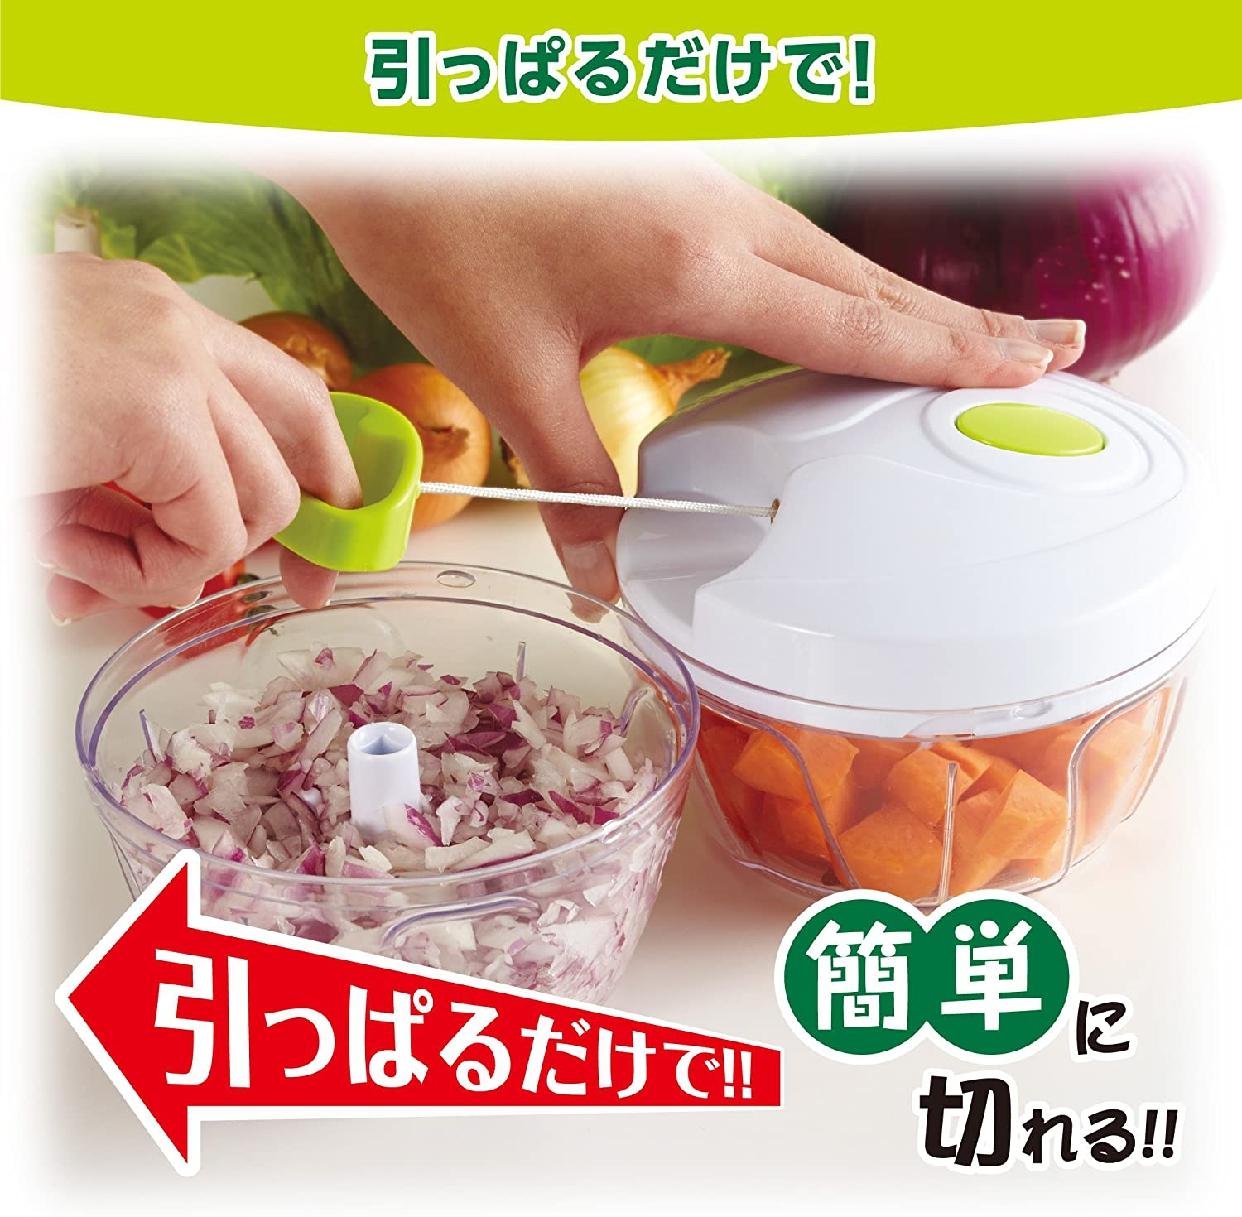 竹原製罐(たけかん)簡単みじん切りチョッパー A-80 ホワイトの商品画像3